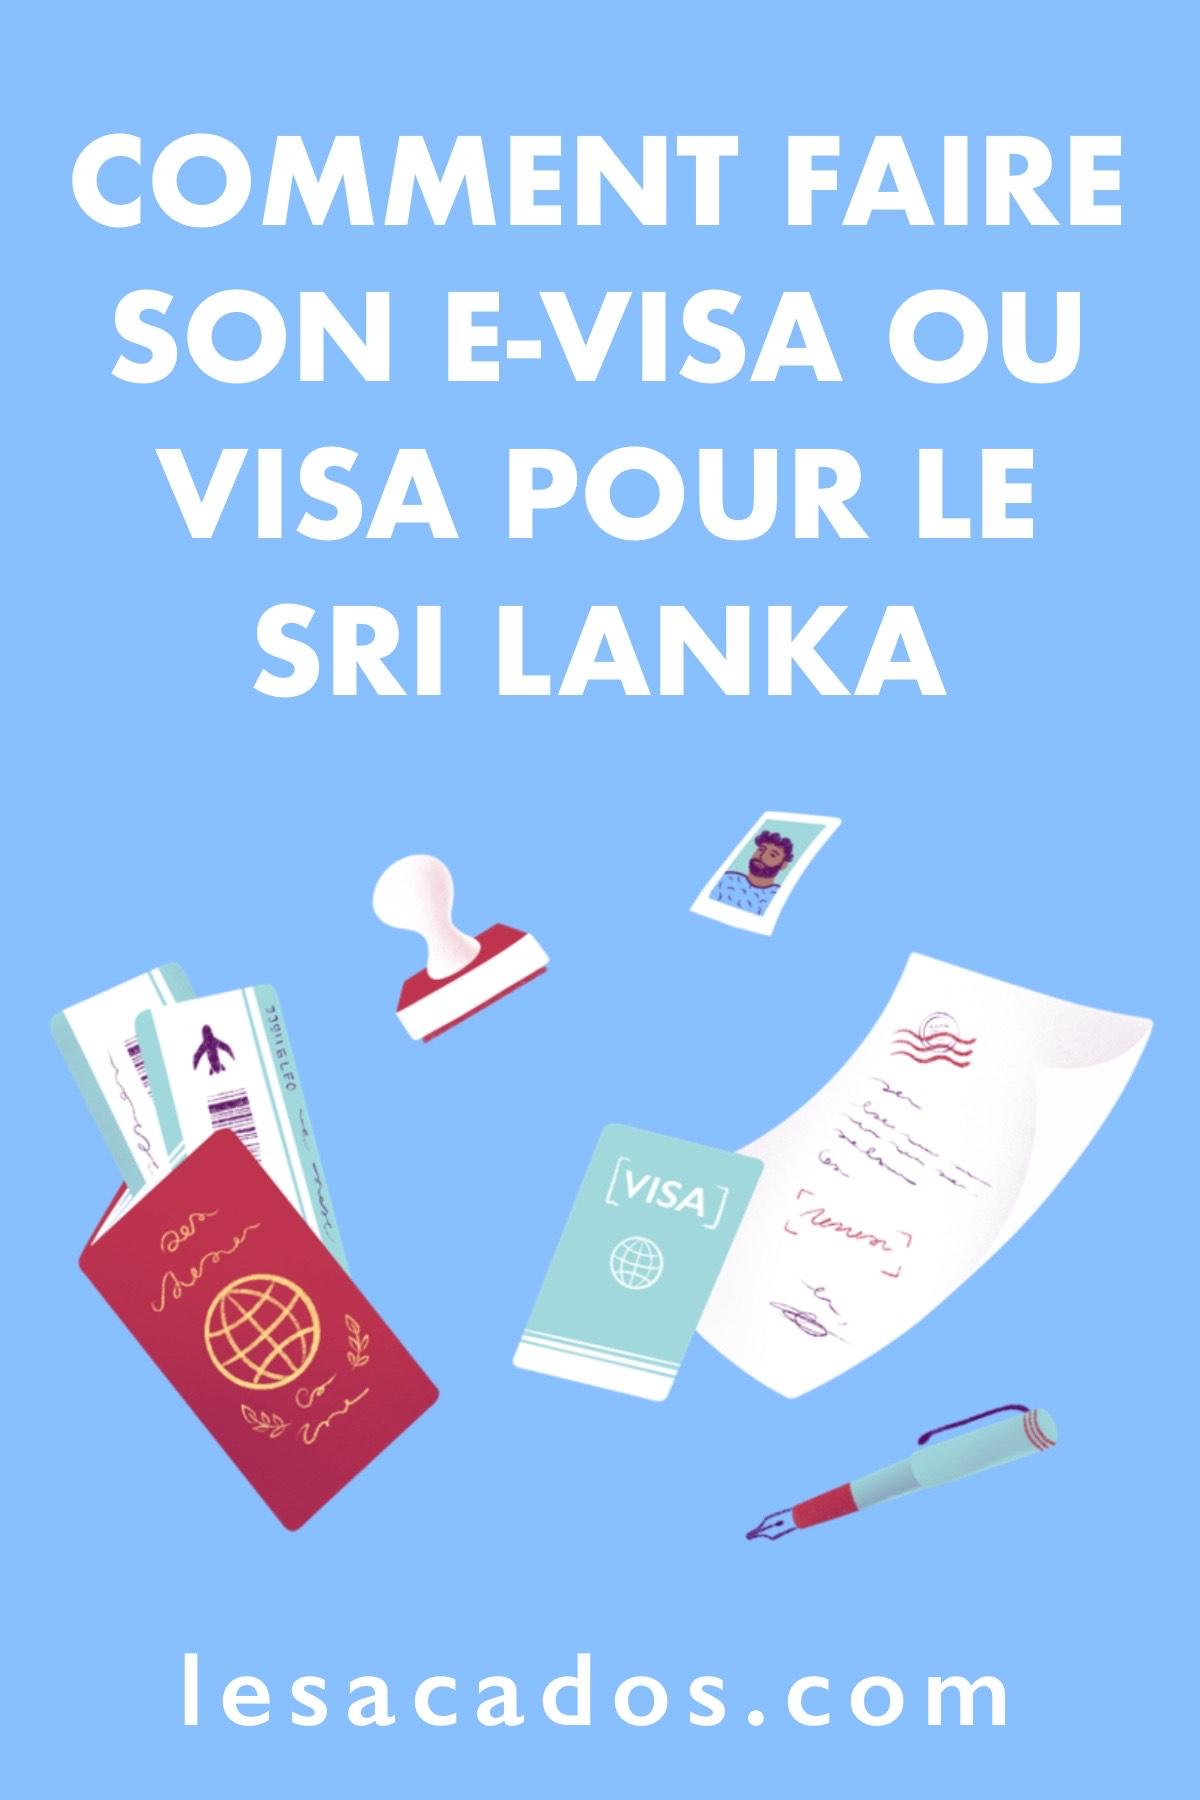 Guide étape par étape : Dans cet article j'explique comment faire son visa ou evisa (ETA) pour le Sri Lanka seul, ou en passant par une agence.